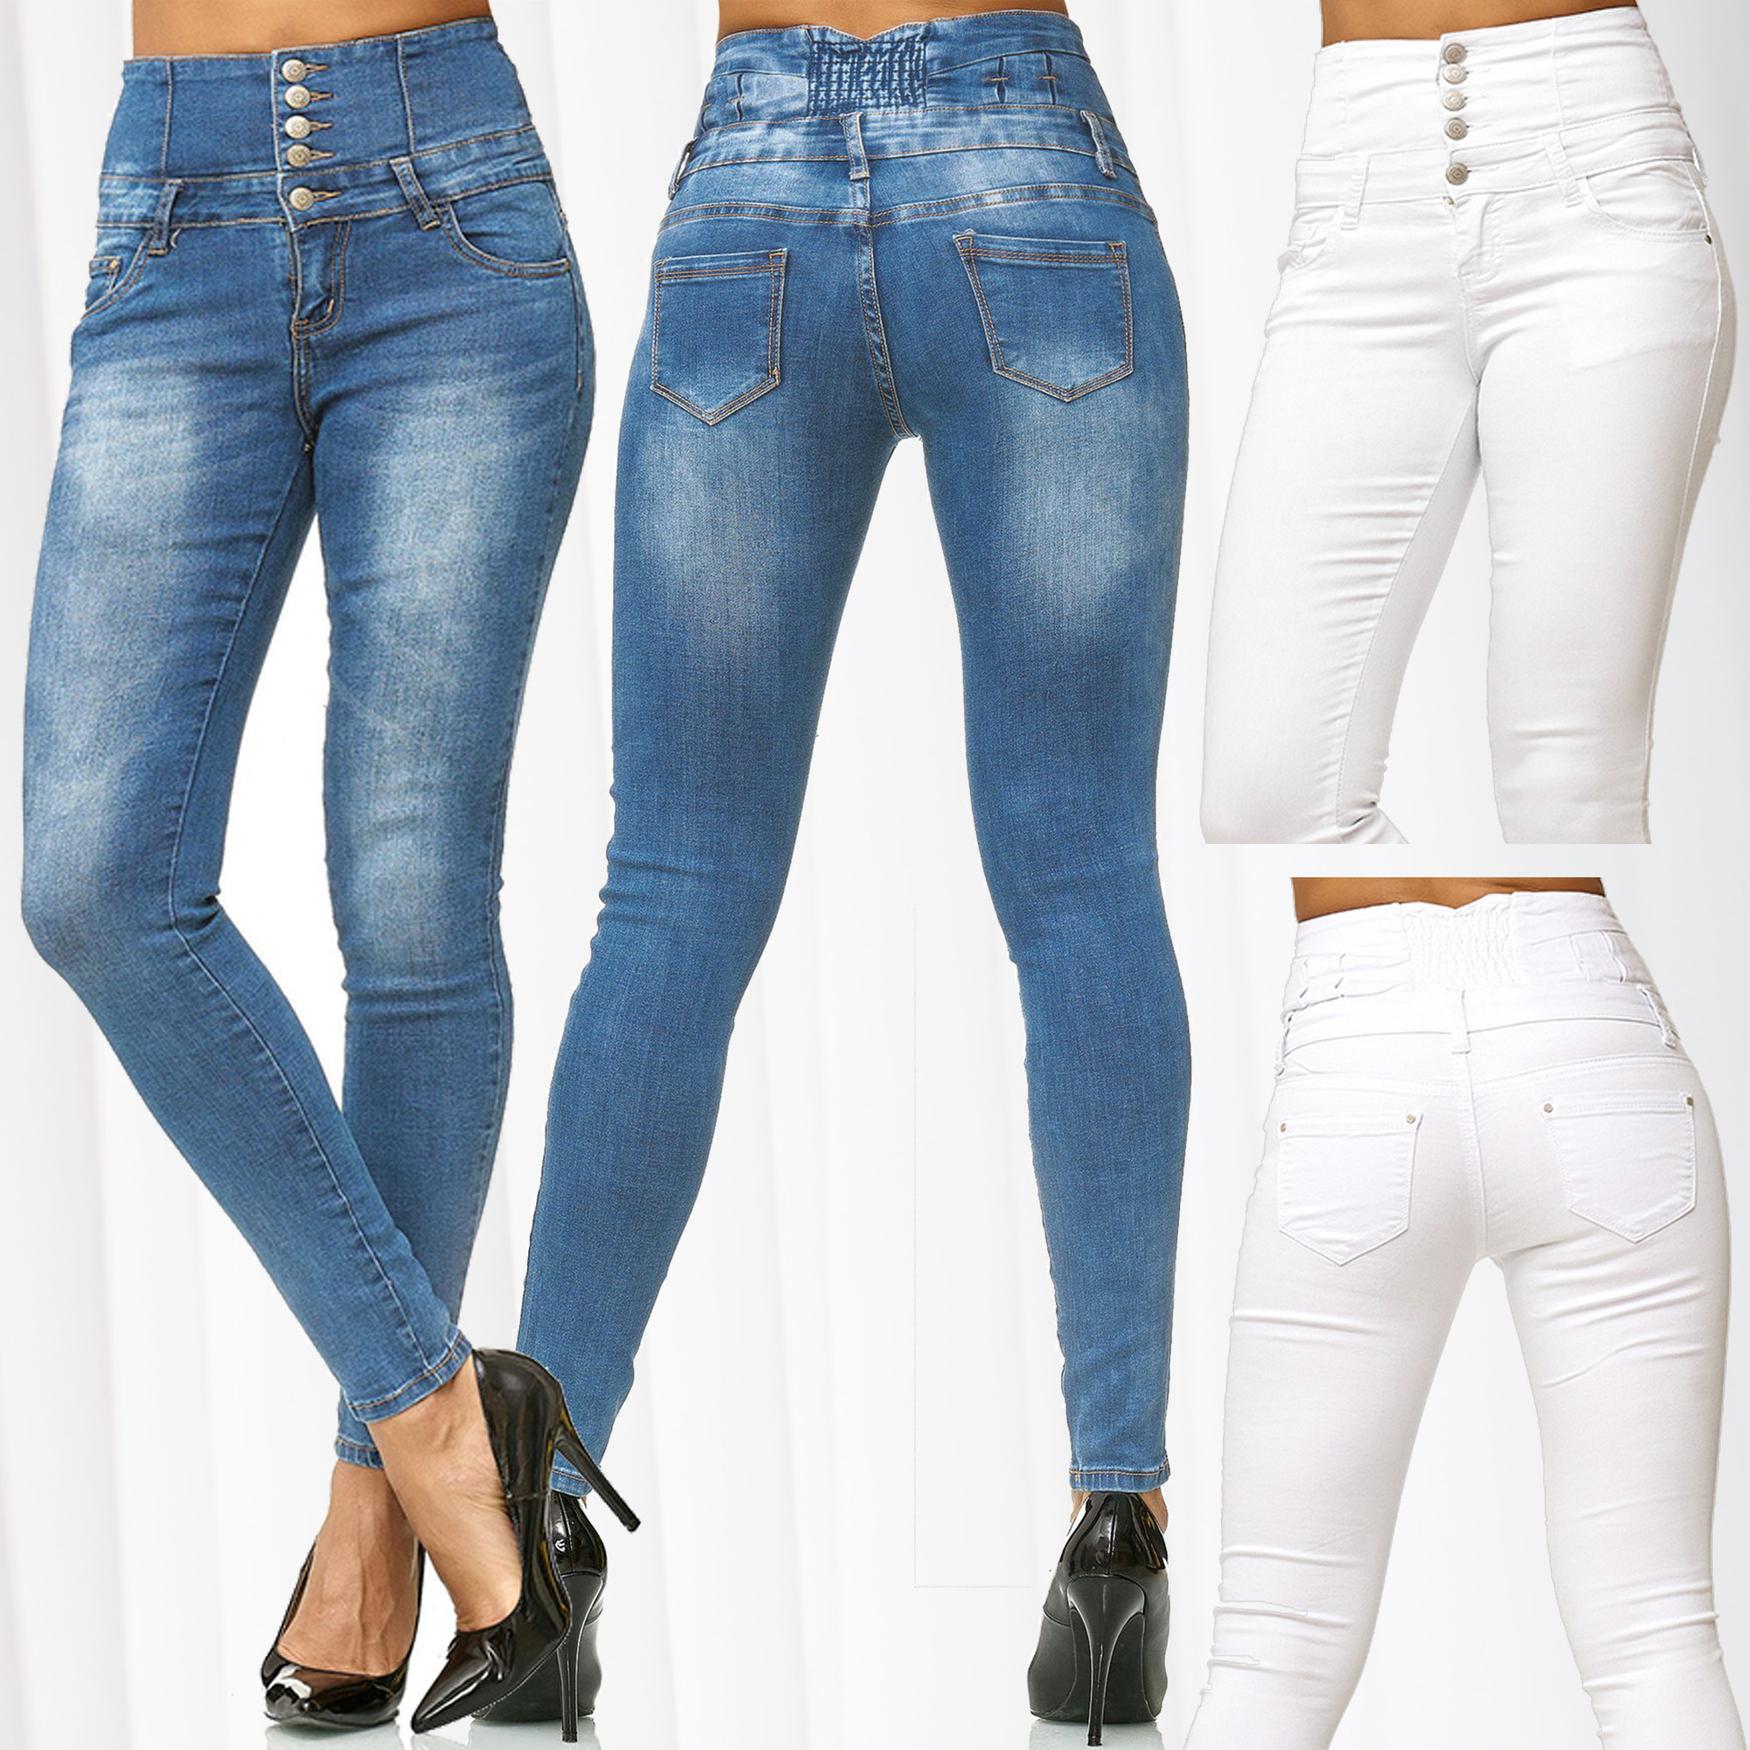 Damen Hochbund Röhre High Waist Slim Fit Jeans Stretch Skinny Hose hoher Schnitt